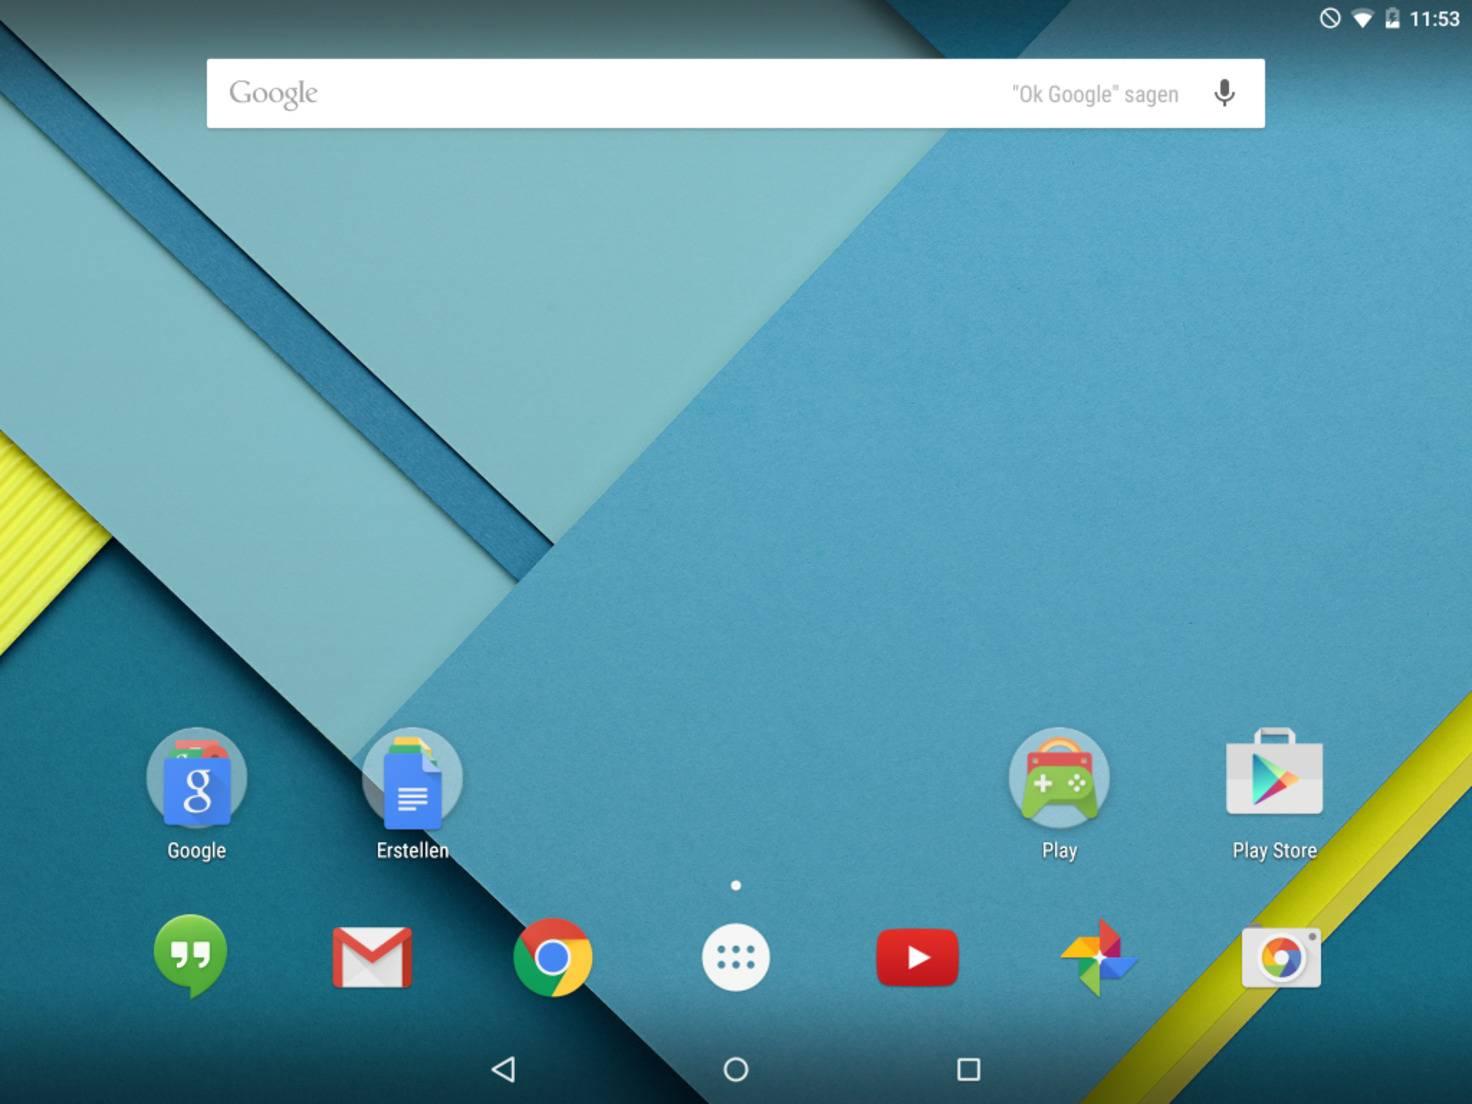 Auf dem Google Nexus 9 ist Android 5.0 Lollipop vorinstalliert.